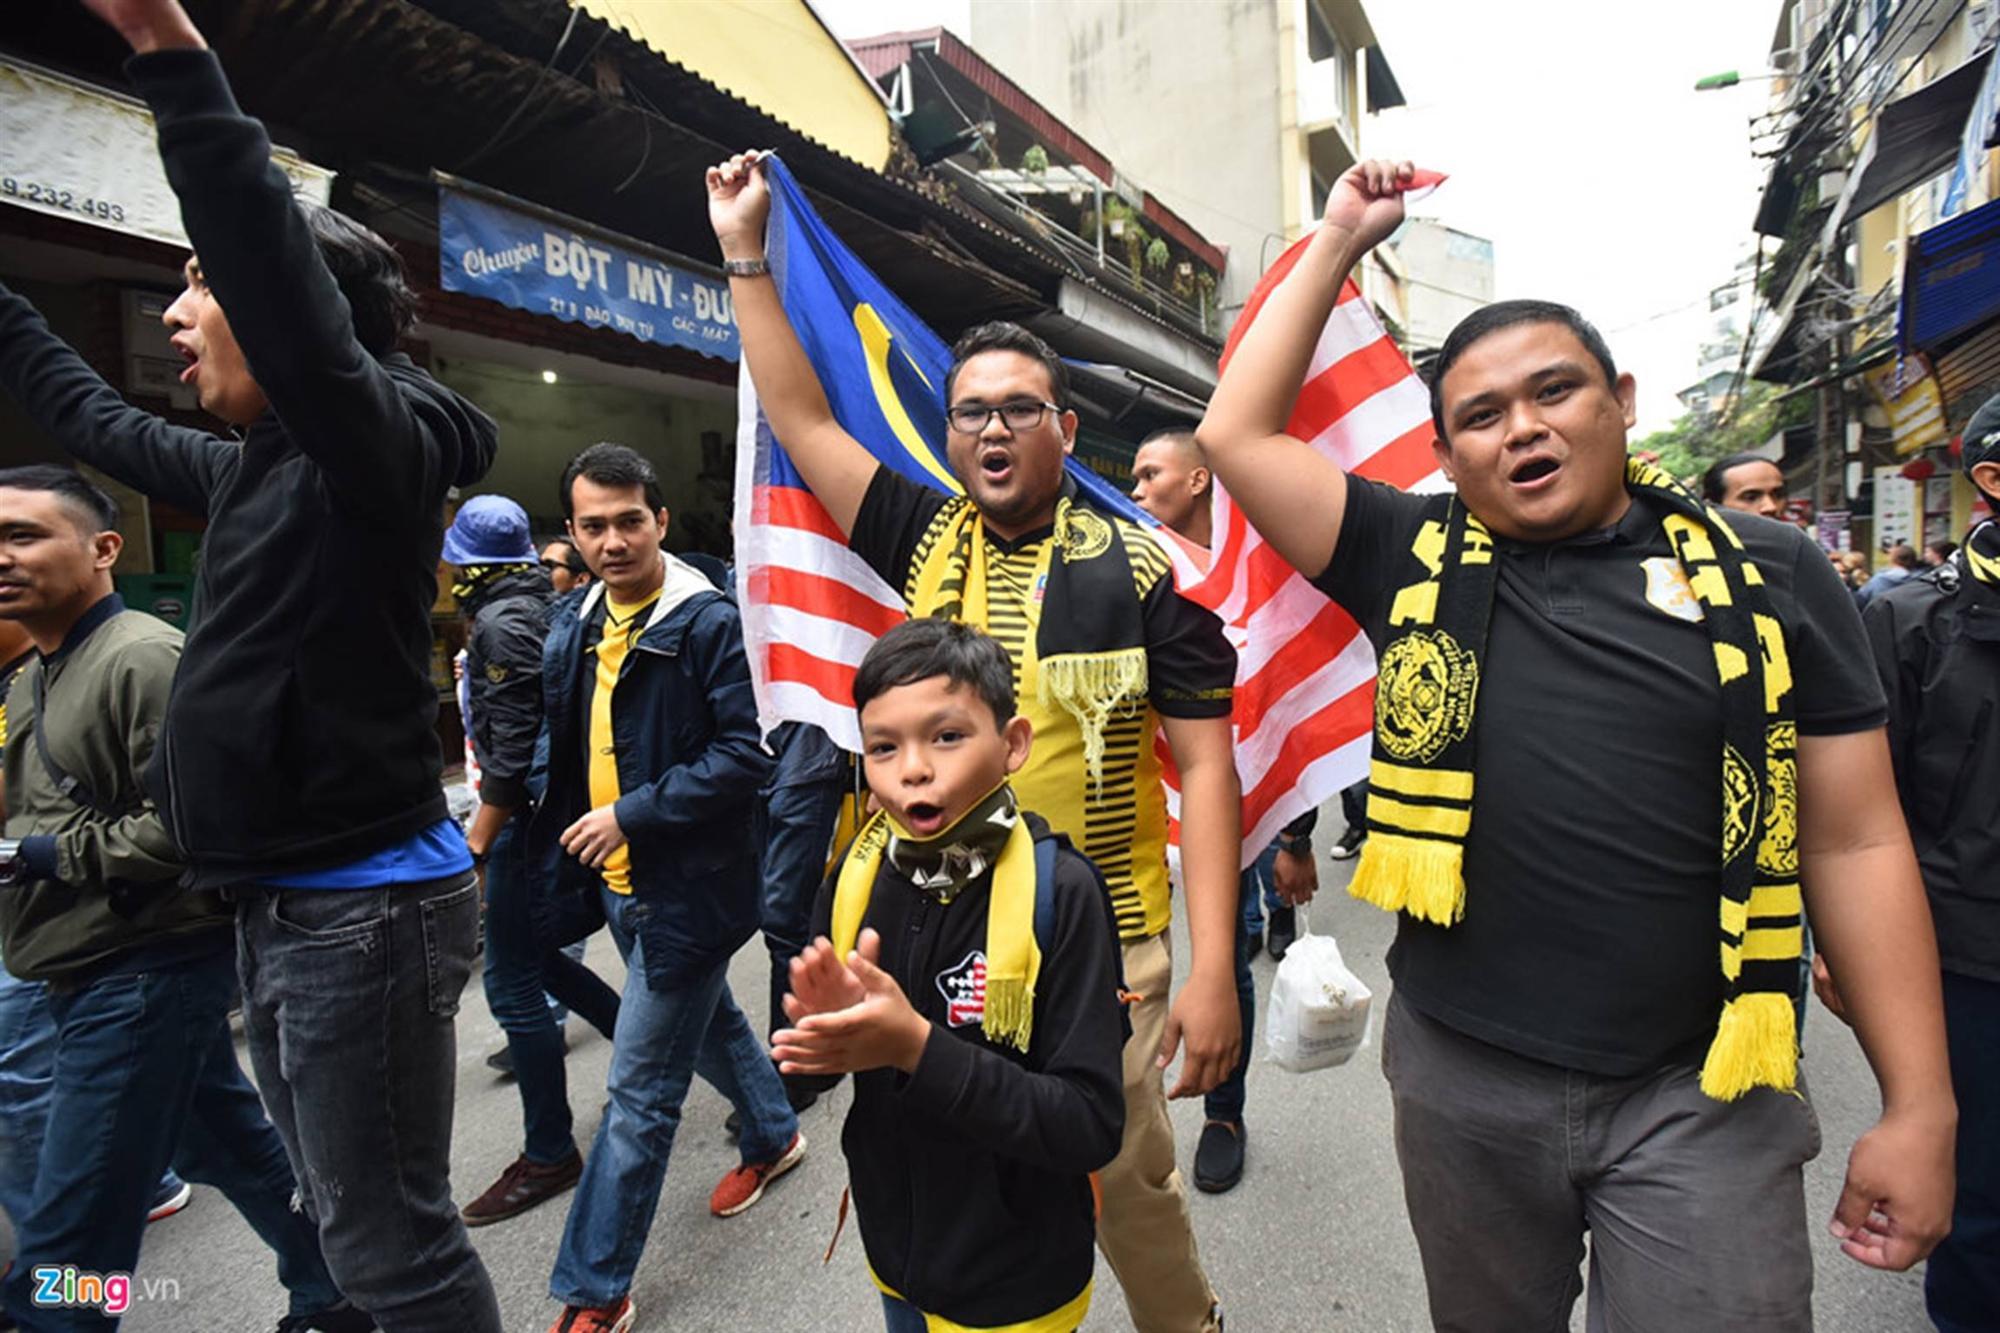 CĐV Malaysia náo loạn phố cổ Hà Nội trước trận chung kết-6